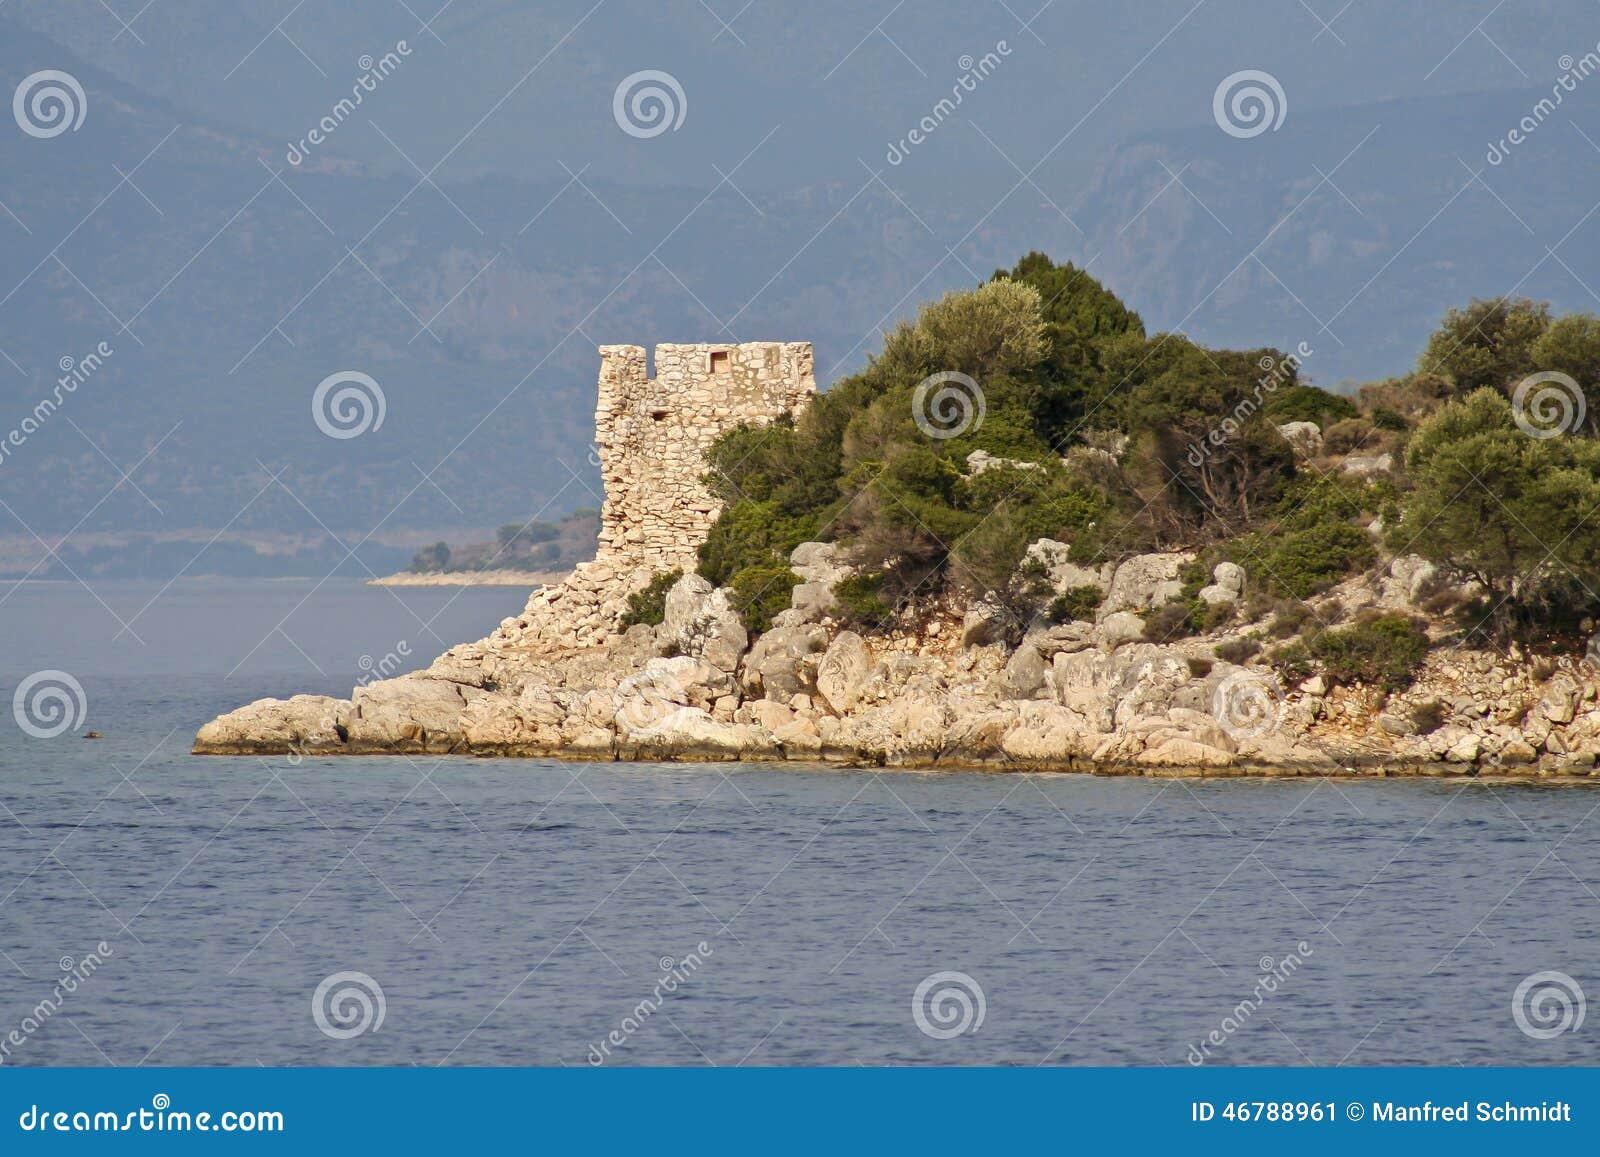 Porto Leone, Greece